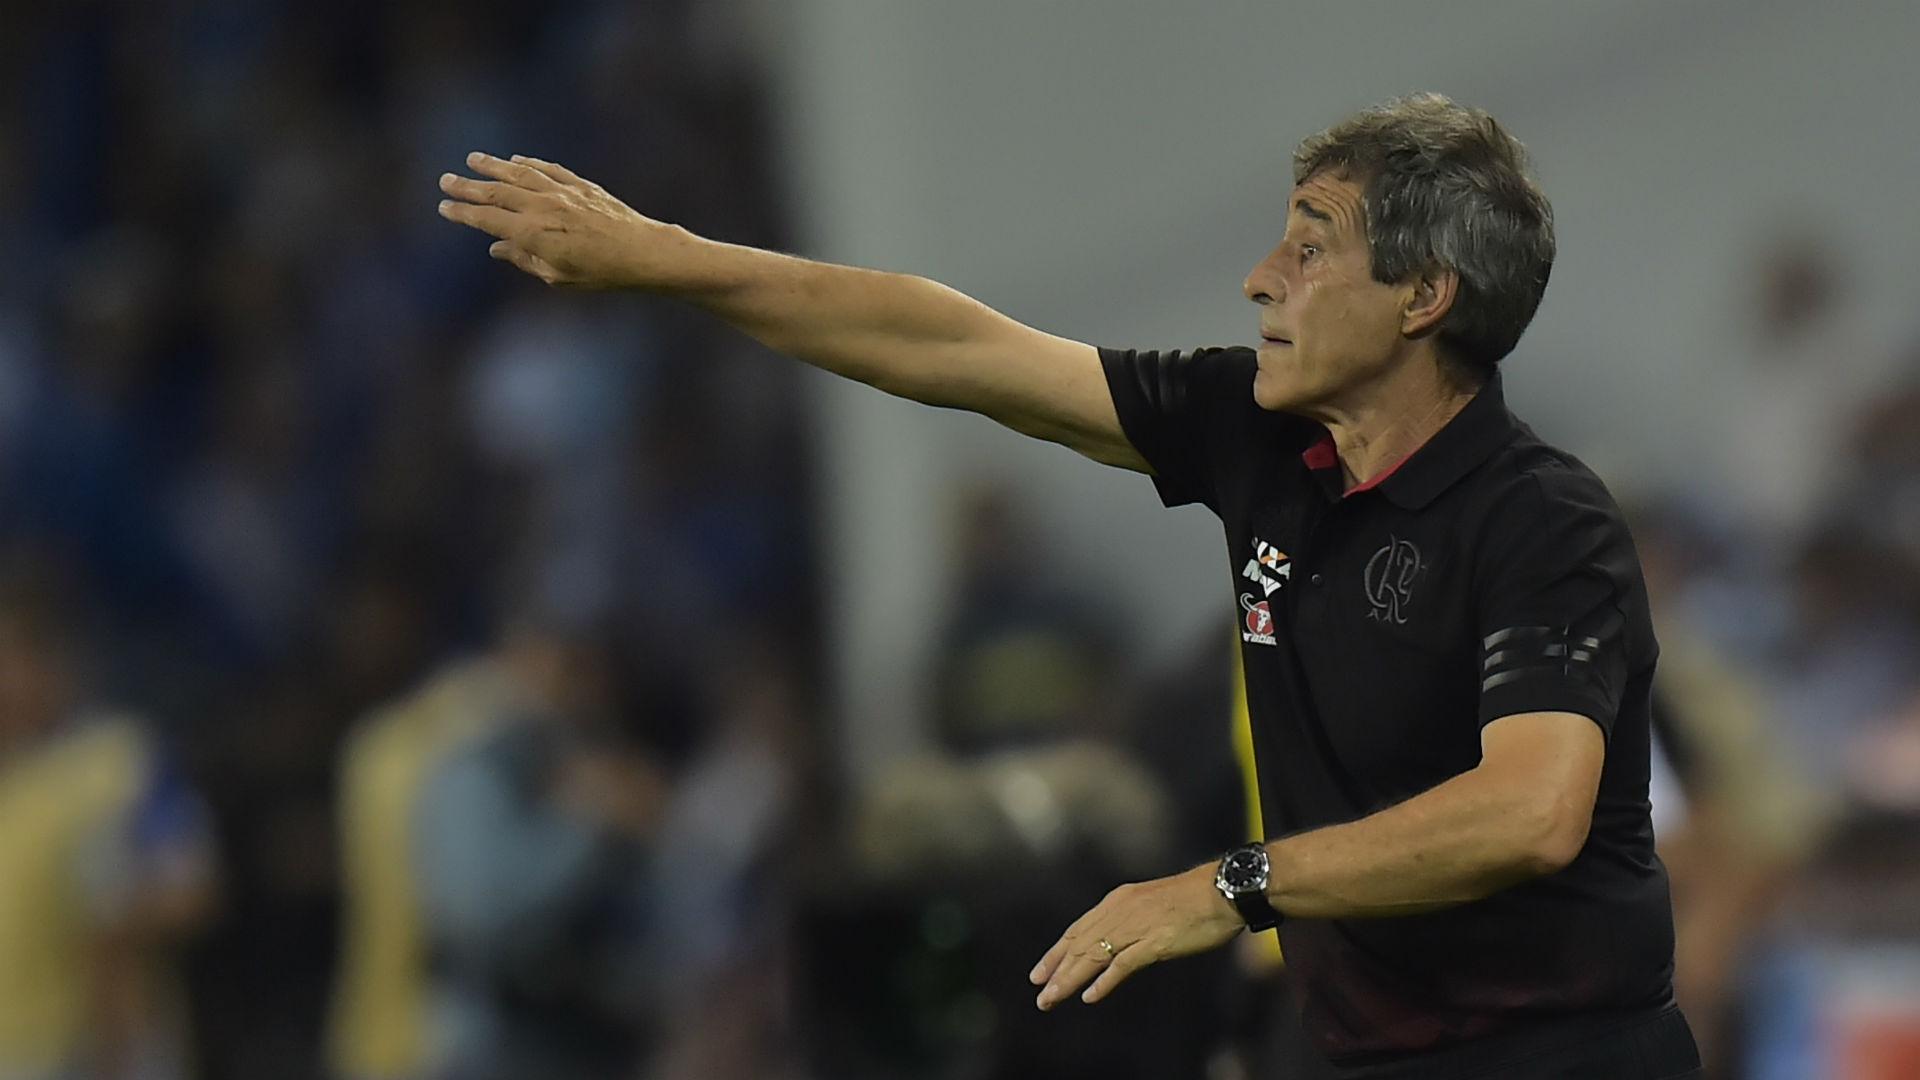 Histórico DT del 'Millonario' podría llegar al Flamengo — River Plate